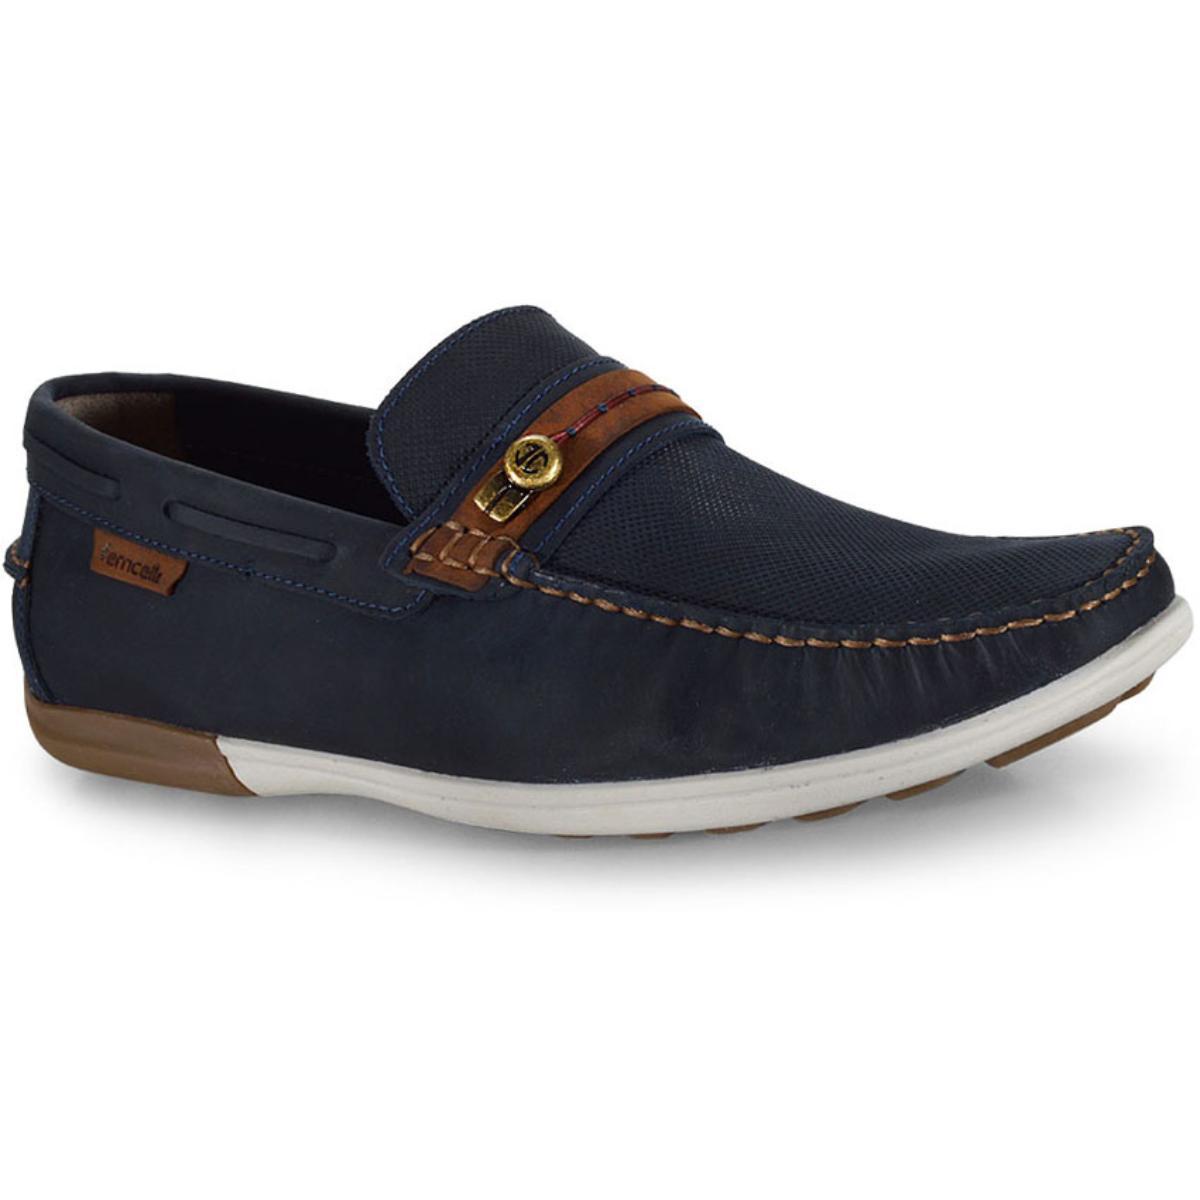 Sapato Masculino Ferricelli Jim52255 Azul/camel